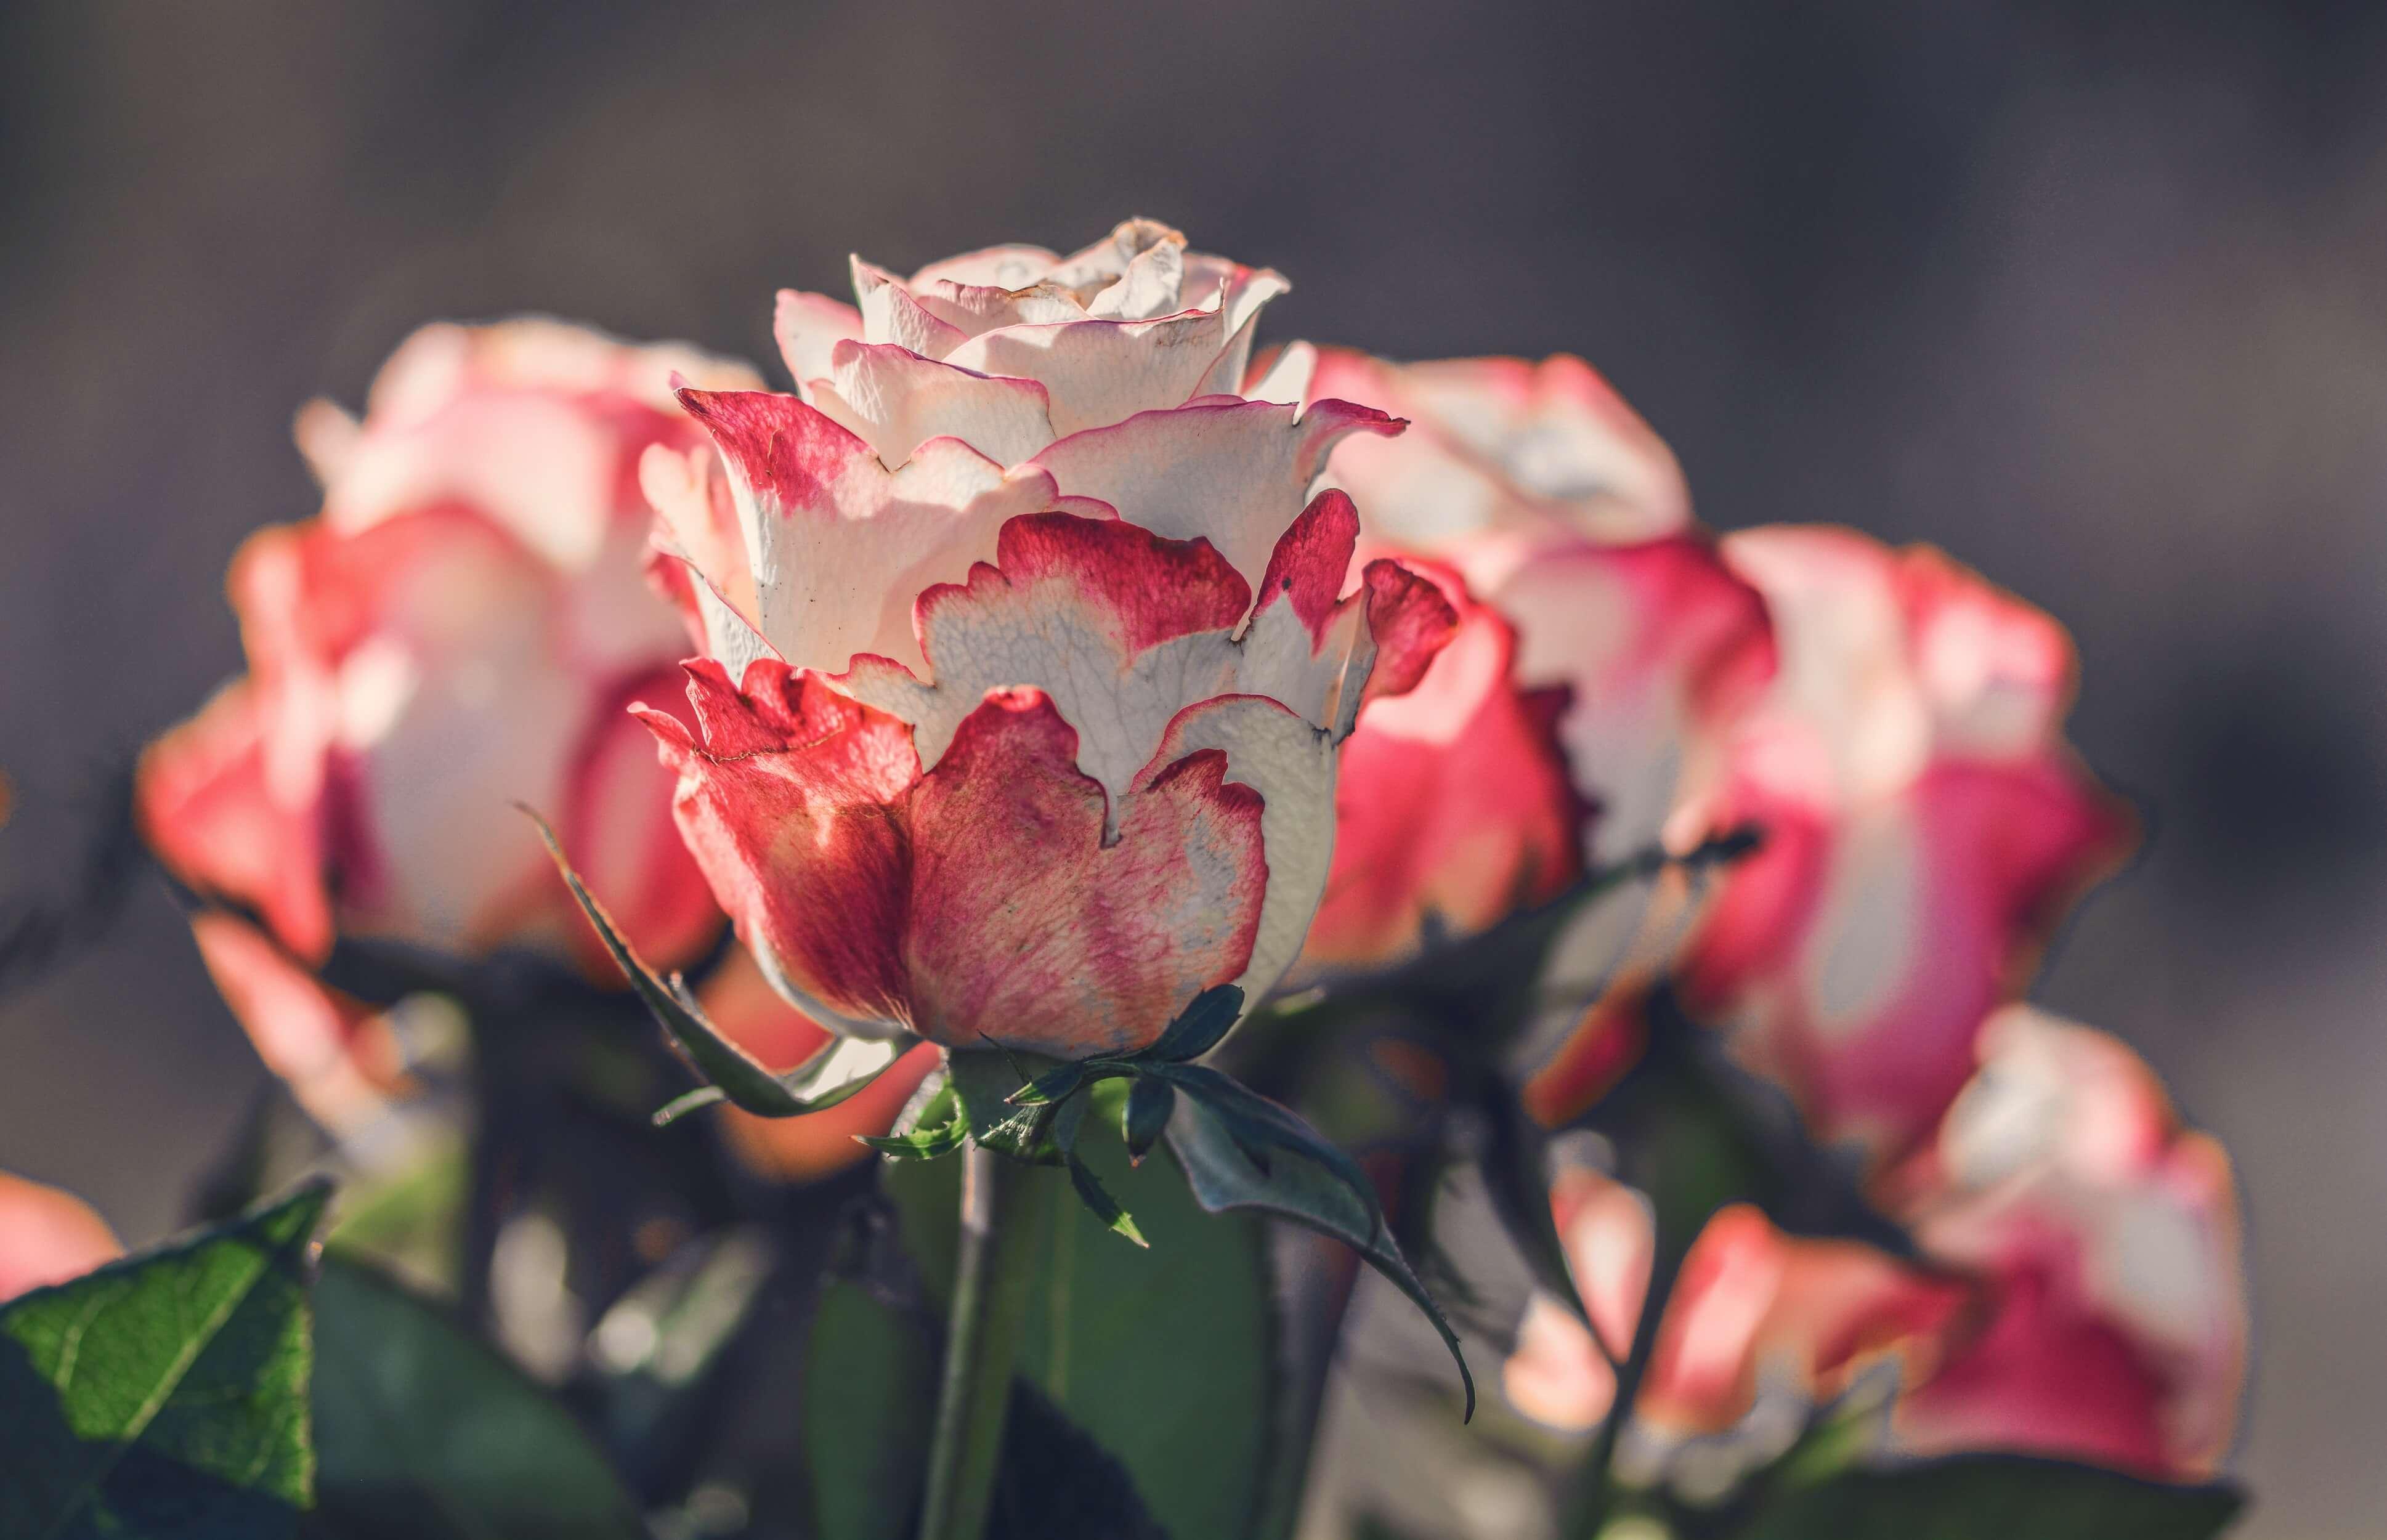 Удивительные картинки с розами, интересная сборка 27 фото 25